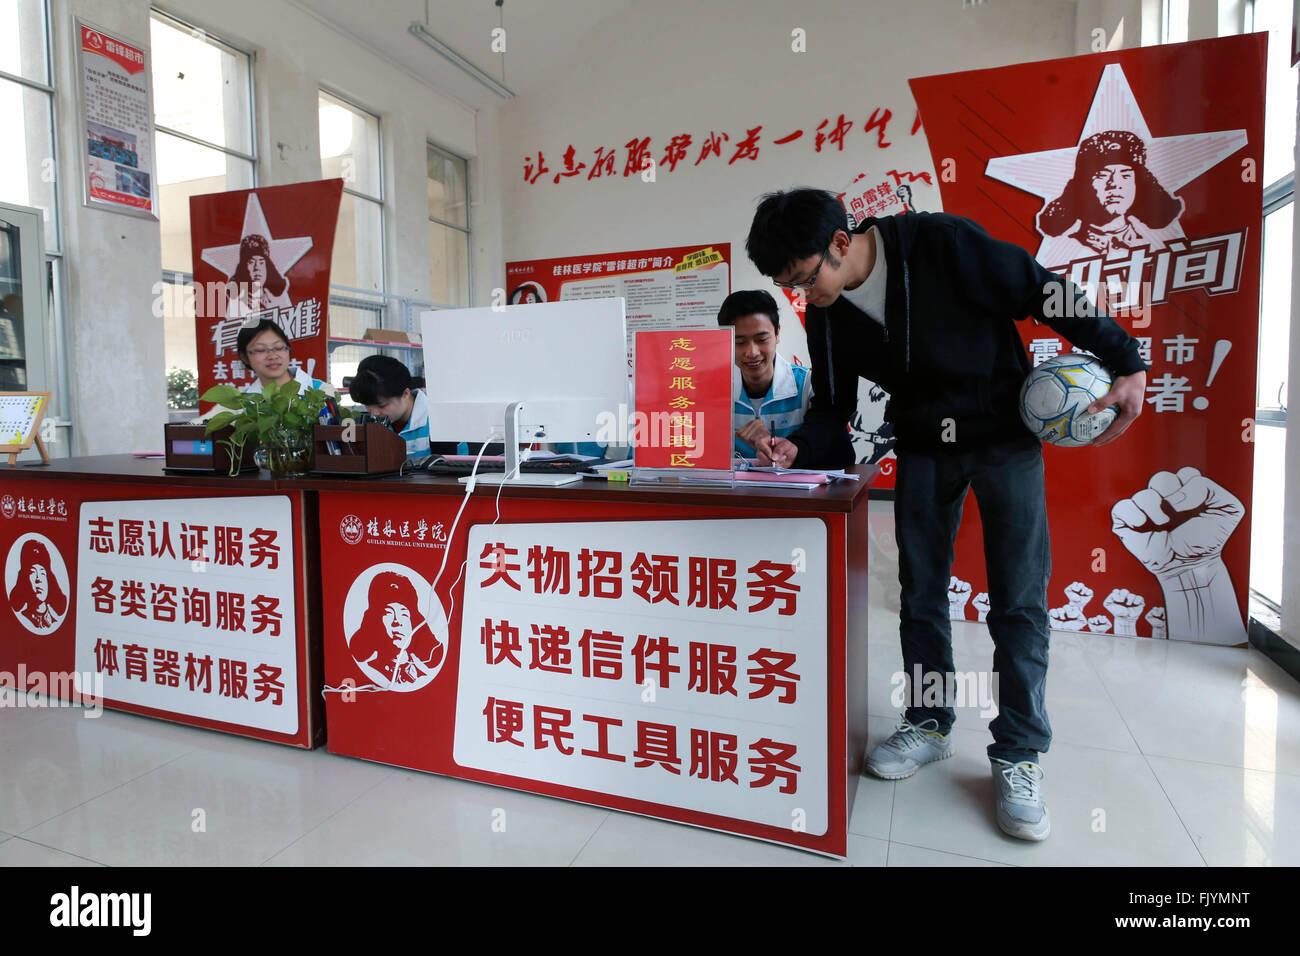 (160304) -- GUILIN, 4 marzo, 2016 (Xinhua) -- uno studente (1R) prende a prestito un pallone da una Lei Feng supermercato Immagini Stock